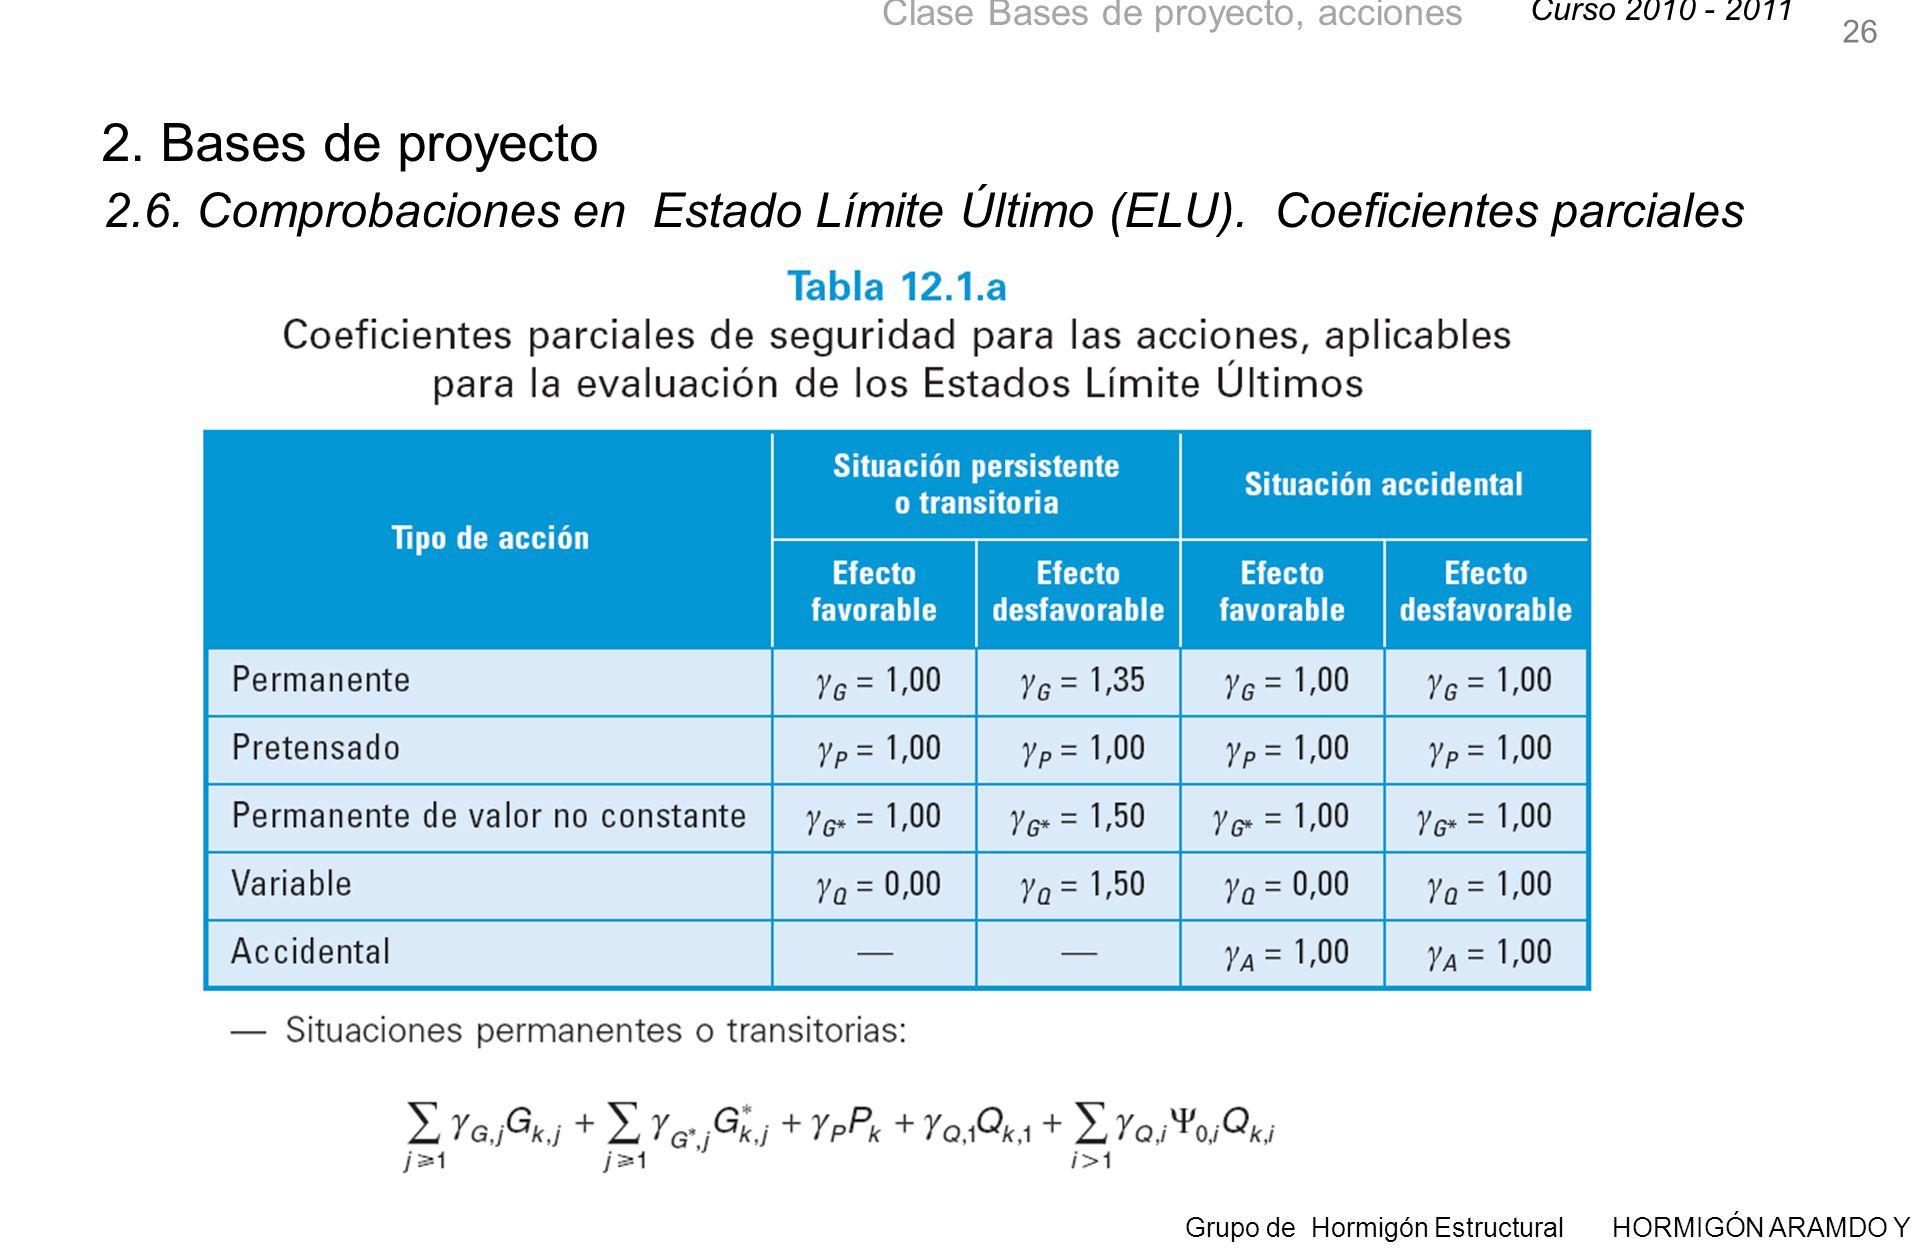 Curso 2010 - 2011 Grupo de Hormigón Estructural HORMIGÓN ARAMDO Y PRETENSADO II Clase Bases de proyecto, acciones 26 2.6.